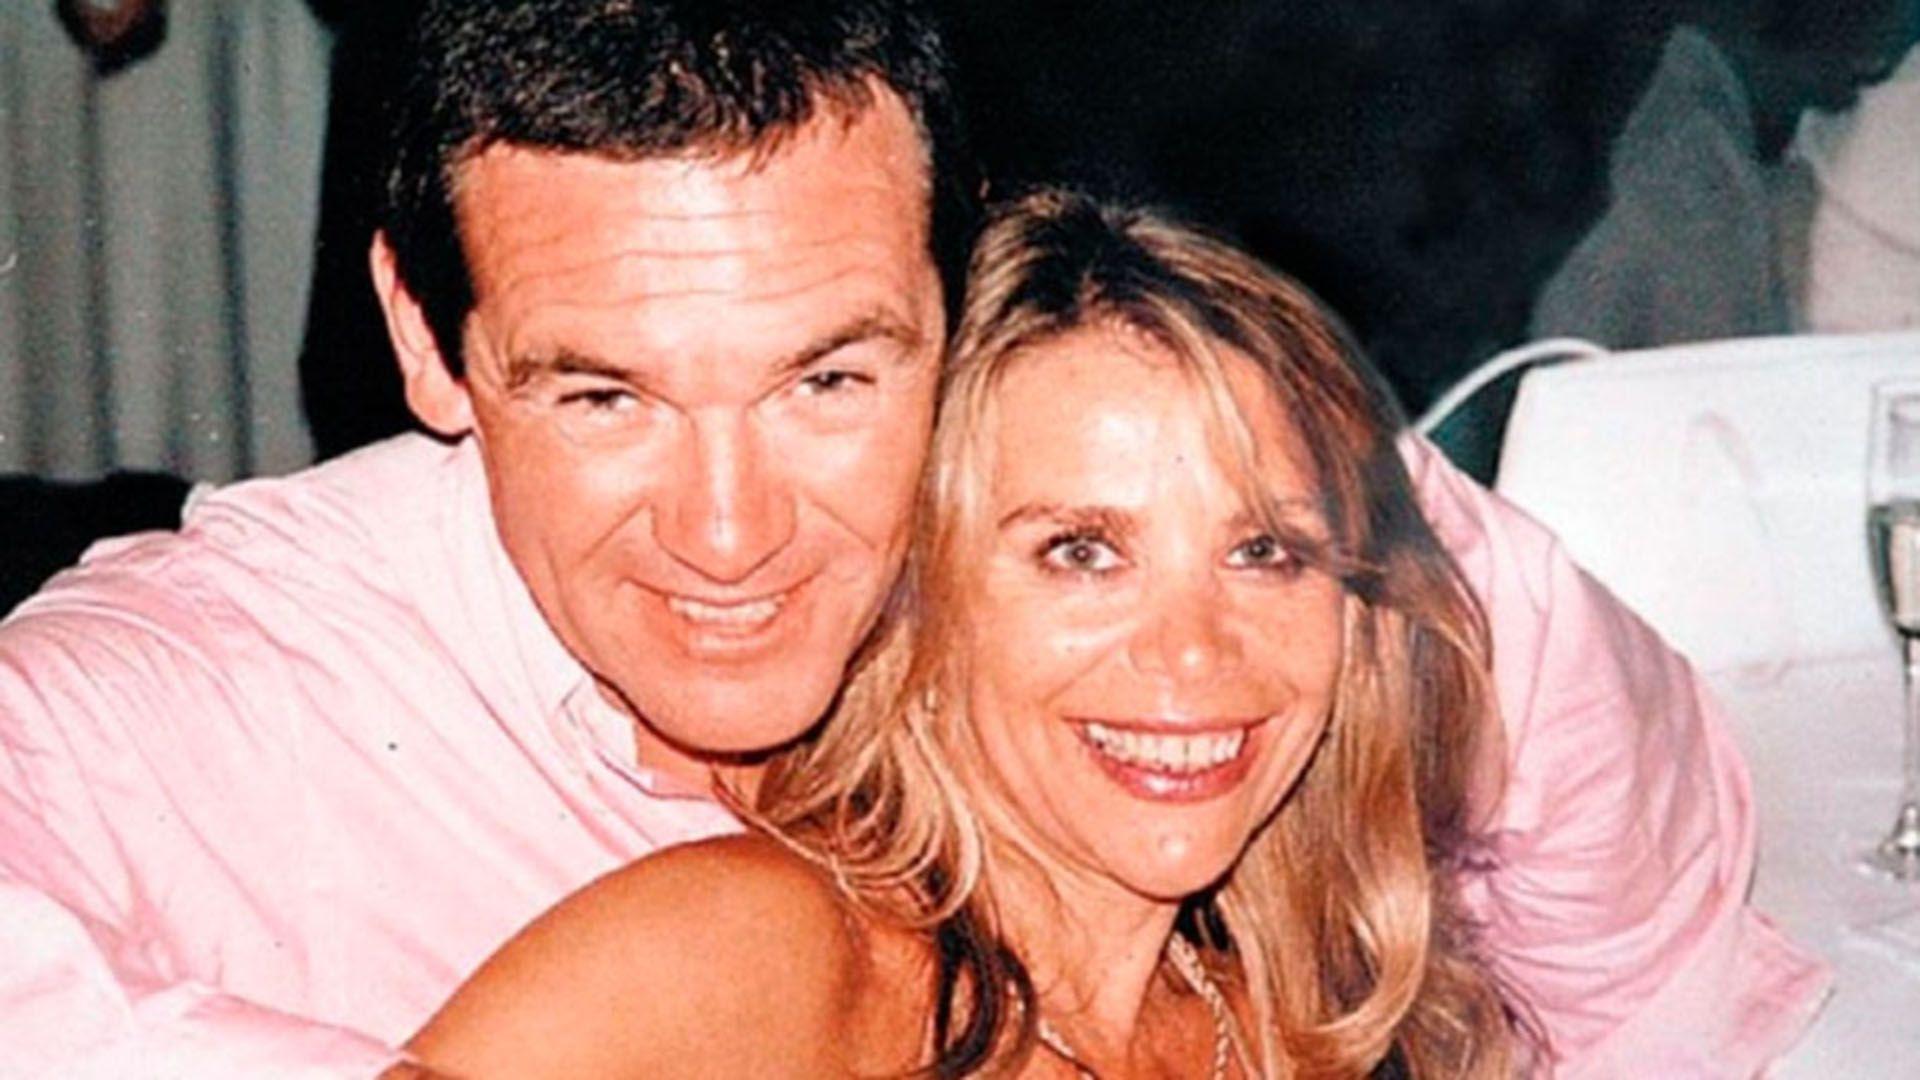 Marcelo Macarrón aceptó que tenía una amante llamada Alicia, pero que no era una relación estable. Y negó que con Nora -quien también tenía un amante- estuvieran por divorciarse